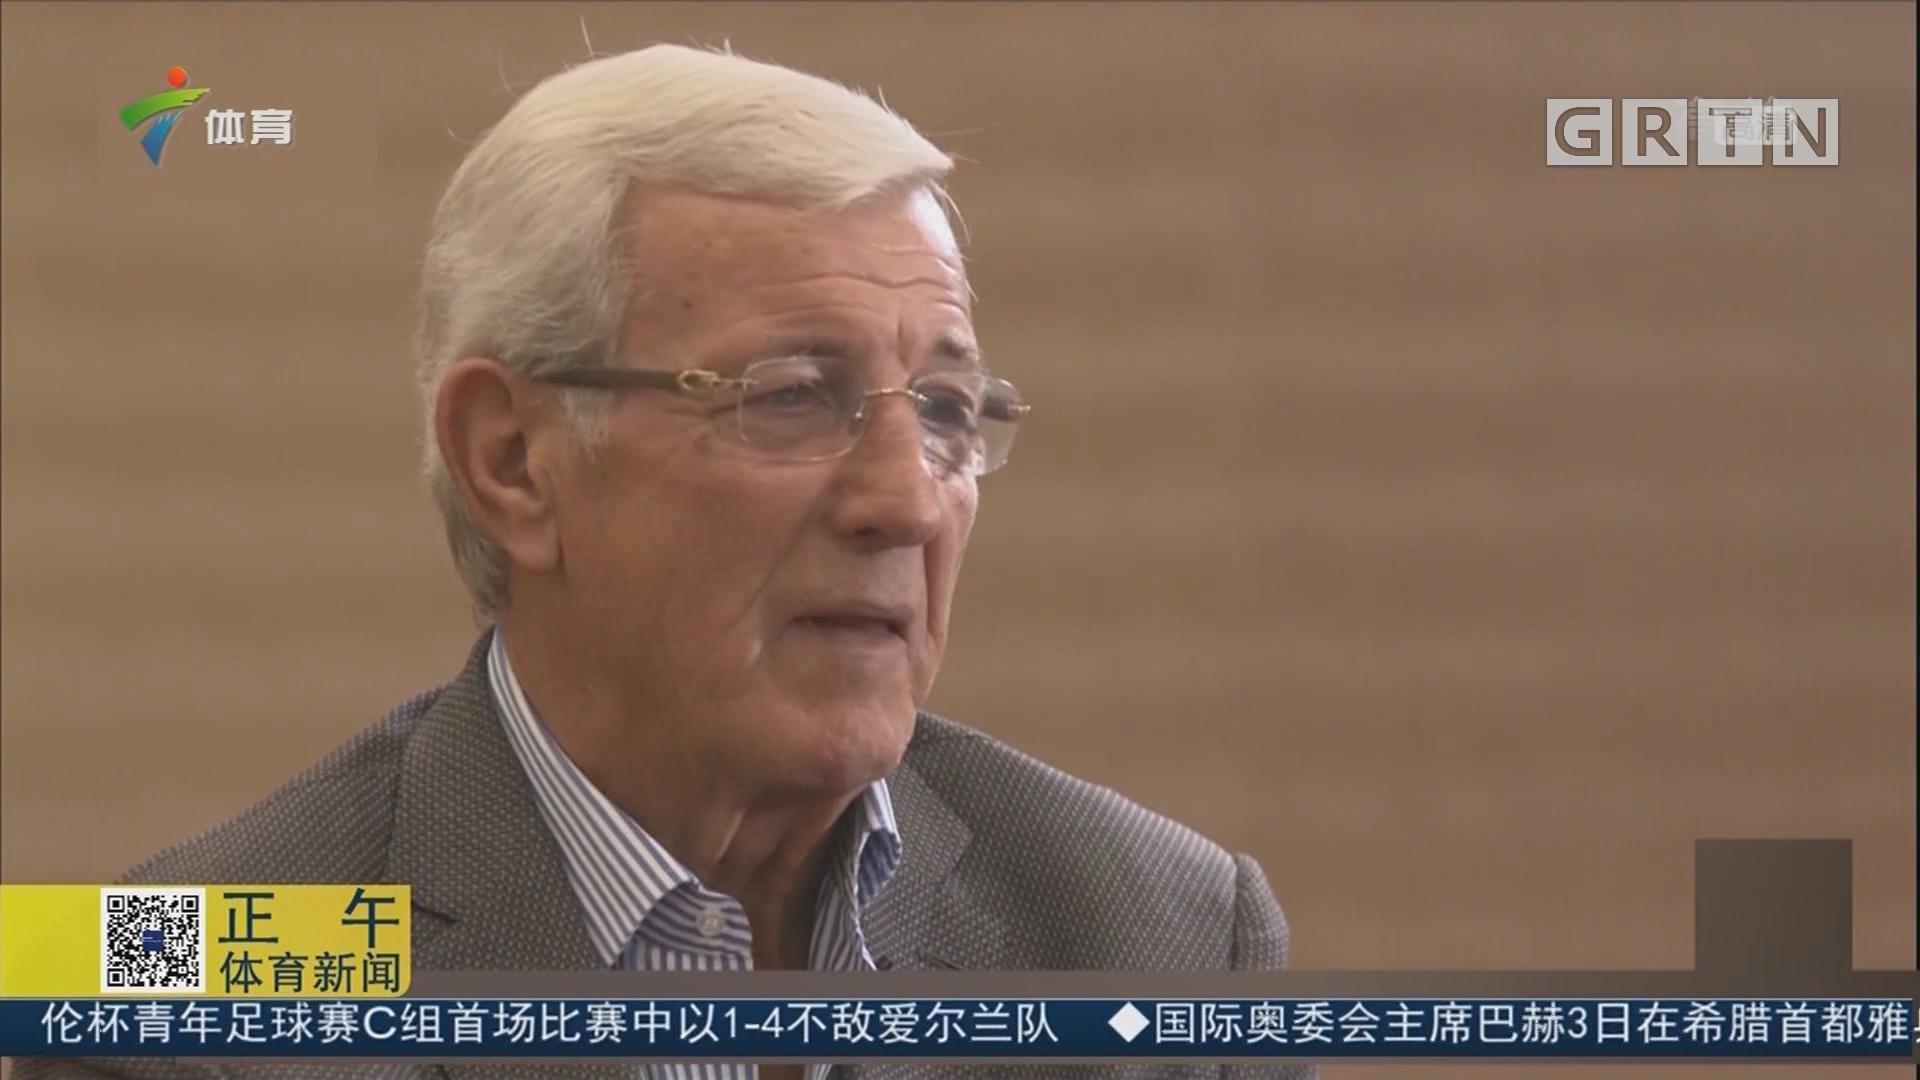 里皮谈郑智入选国家队:希望他为未来做好准备